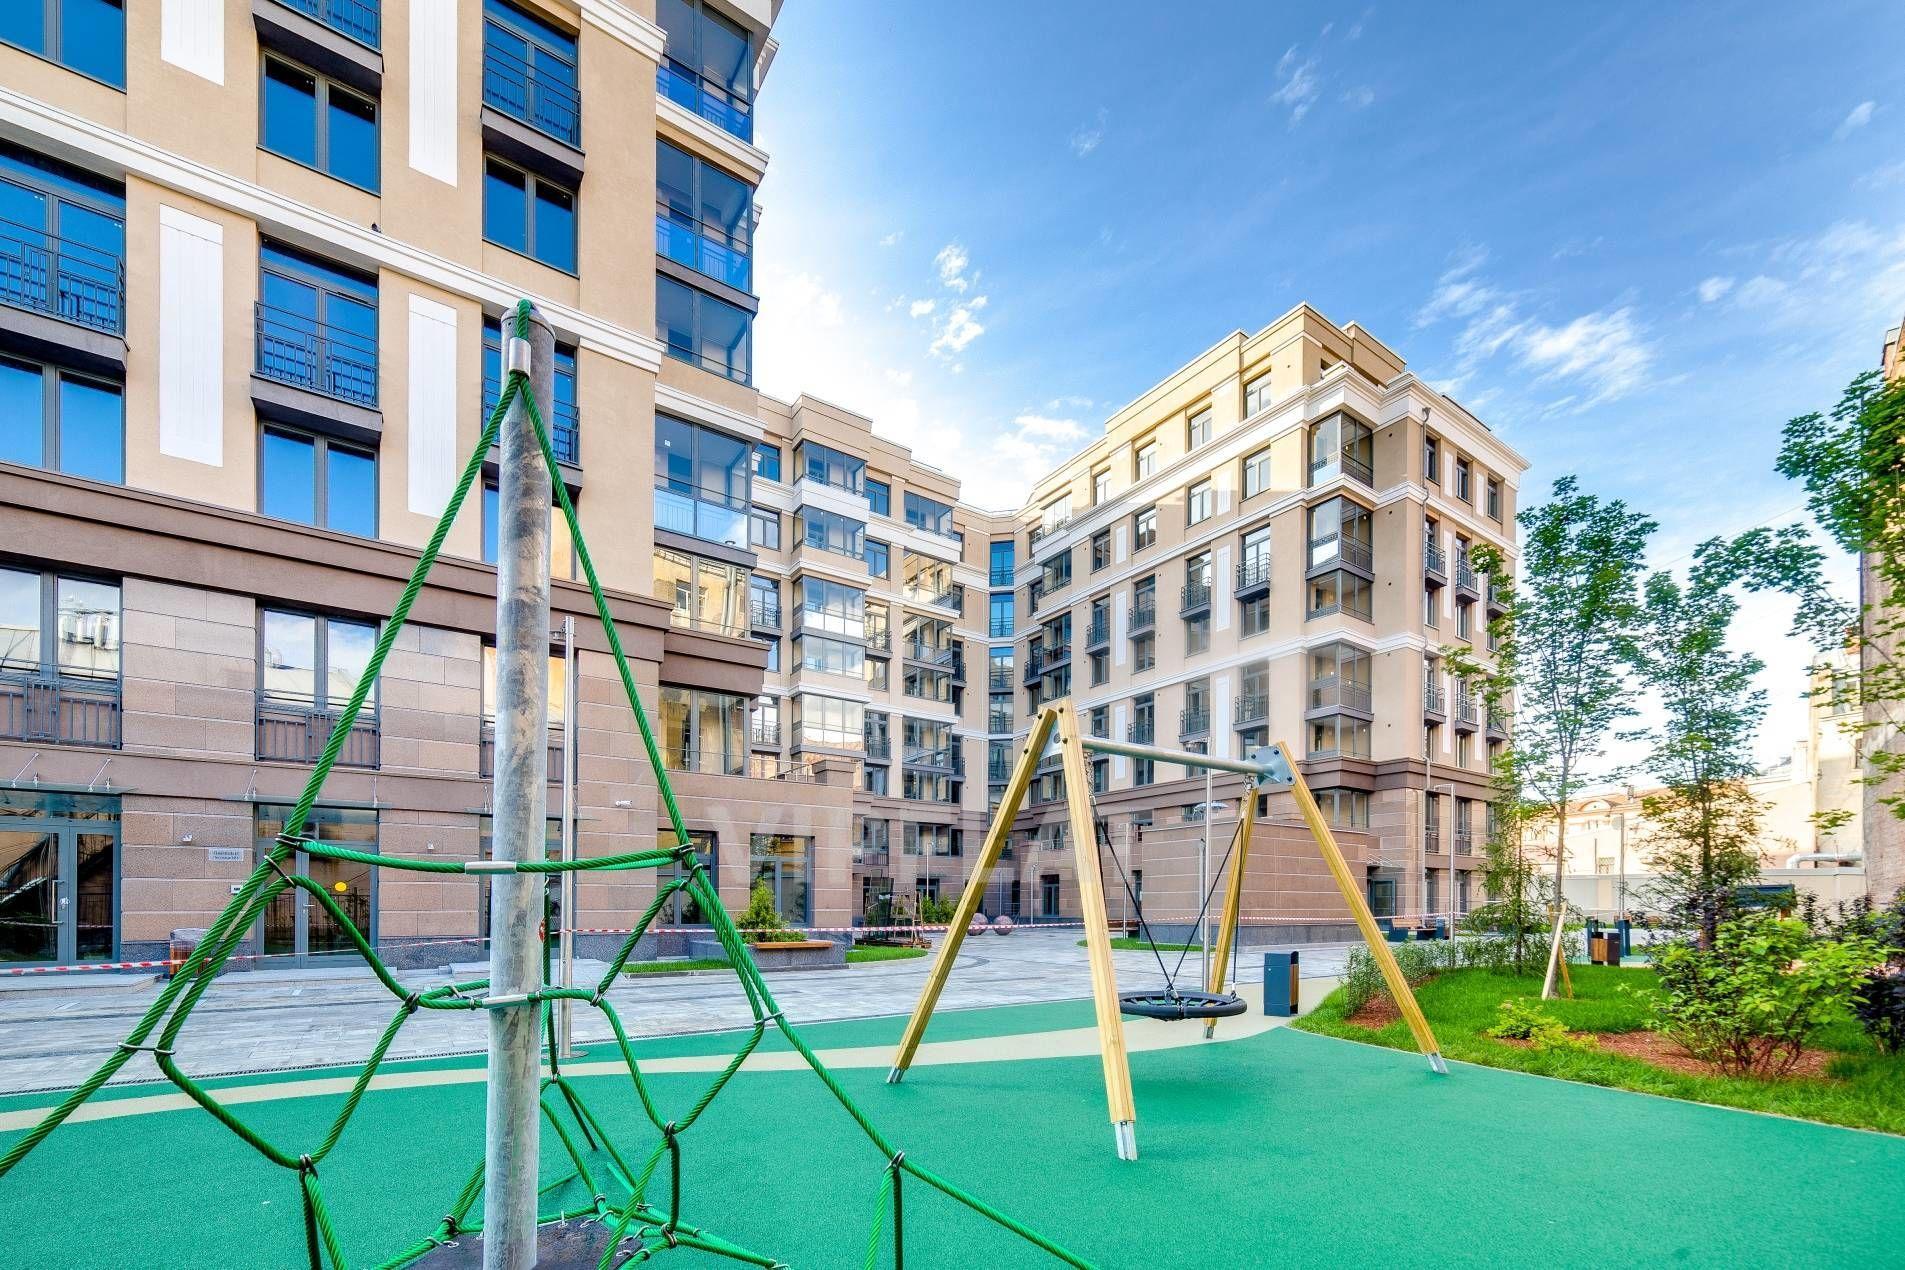 Продажа элитных квартир Санкт-Петербурга. Полтавская ул., 7 Детская площадка на территории дома